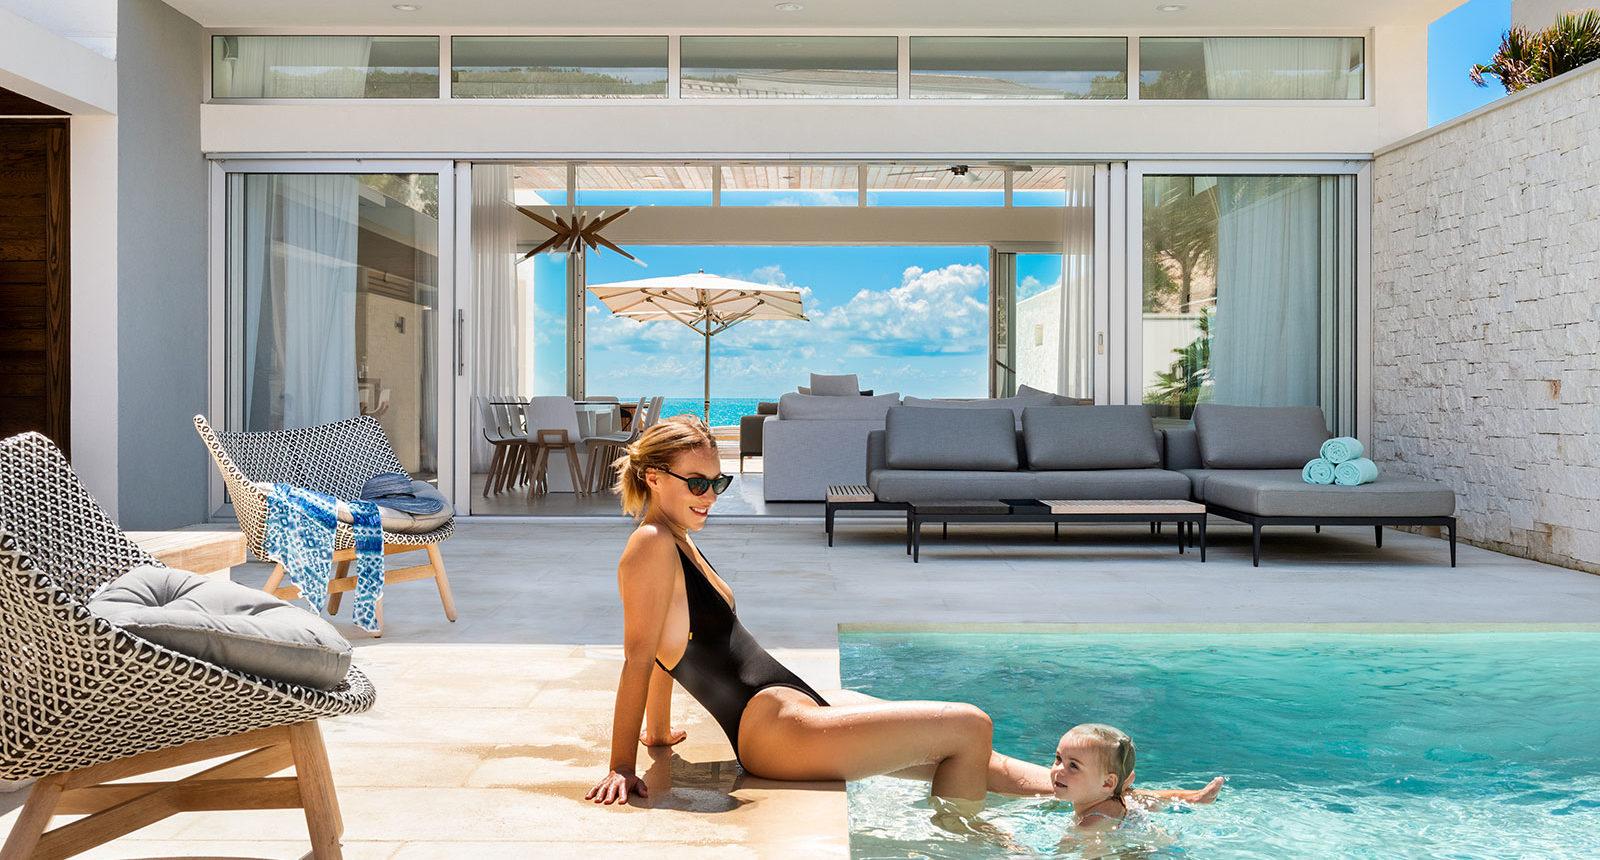 Wymara Villas Turks & Caicos